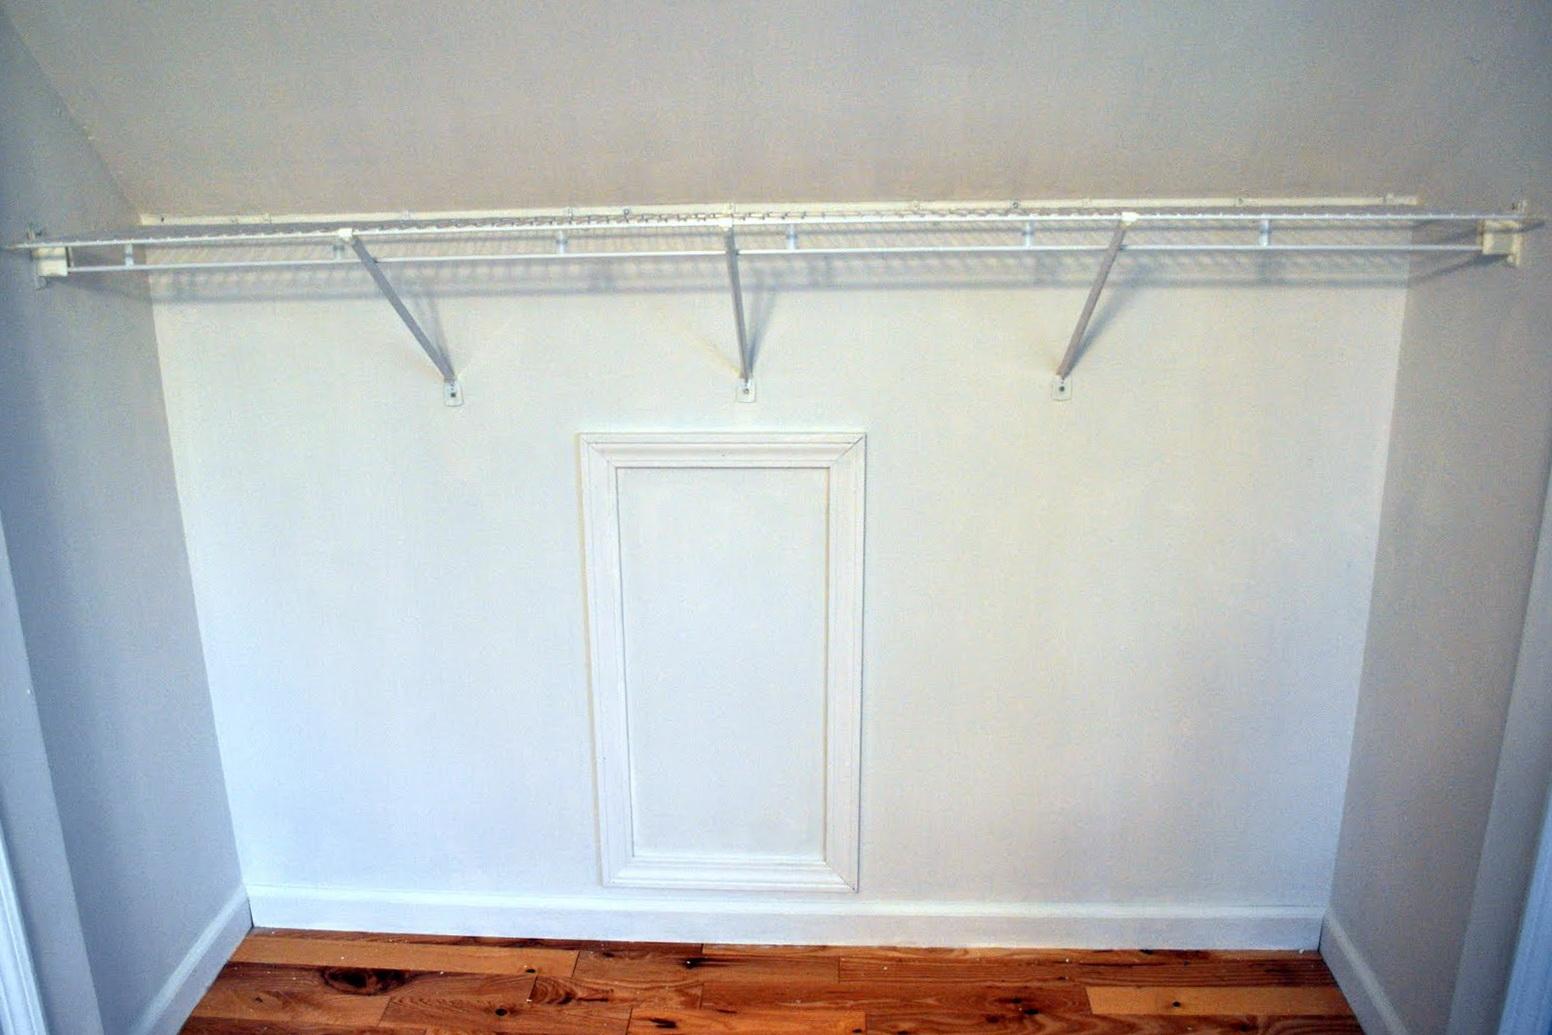 Diy Closet Rod Dividers Home Design Ideas